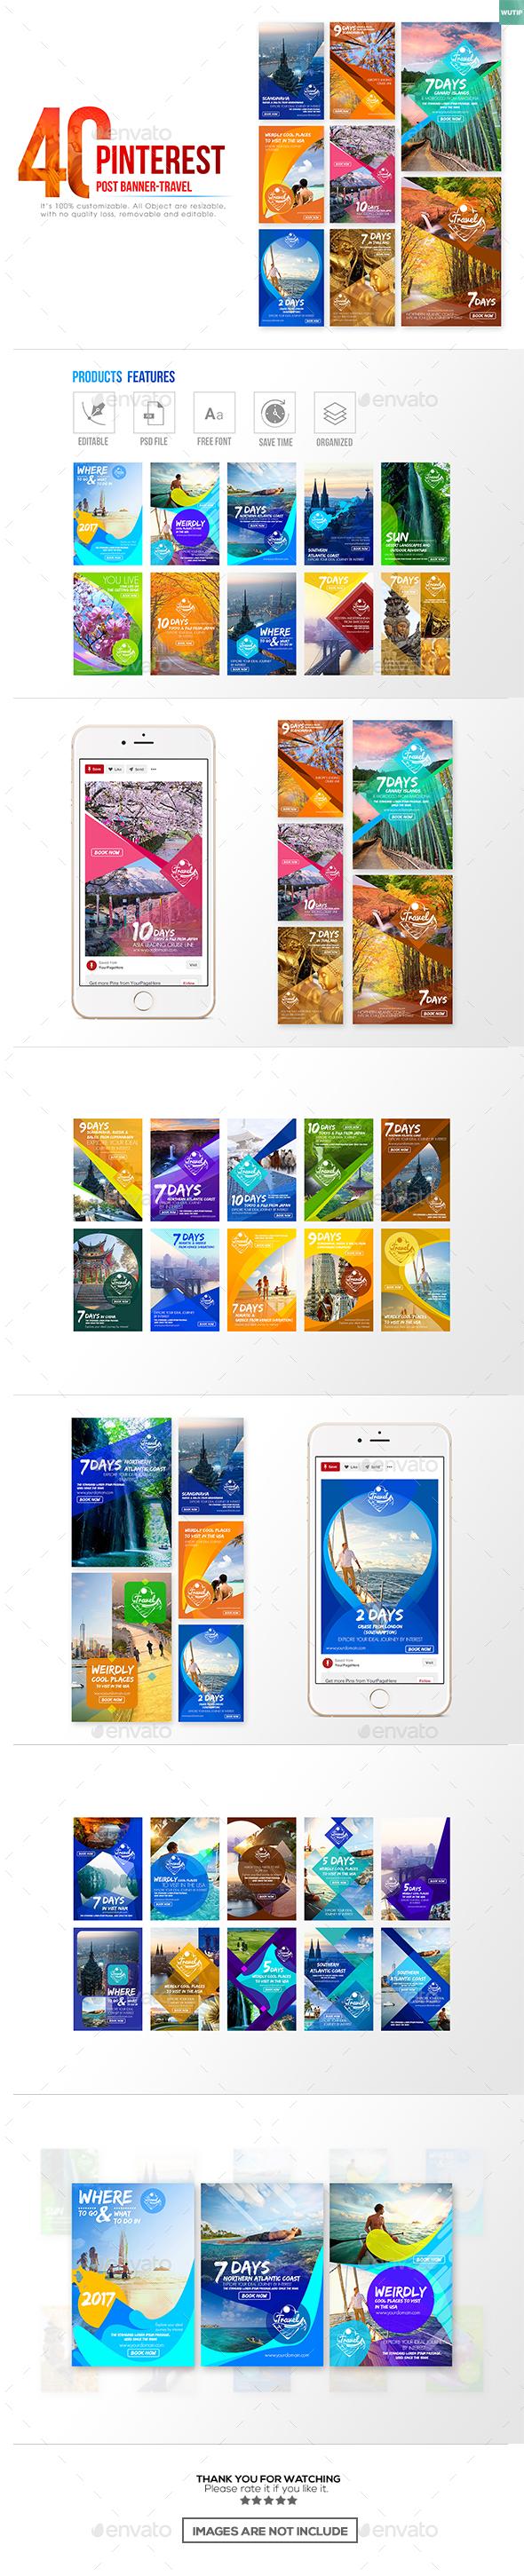 40 Pinterest Banner-Travel - Miscellaneous Social Media